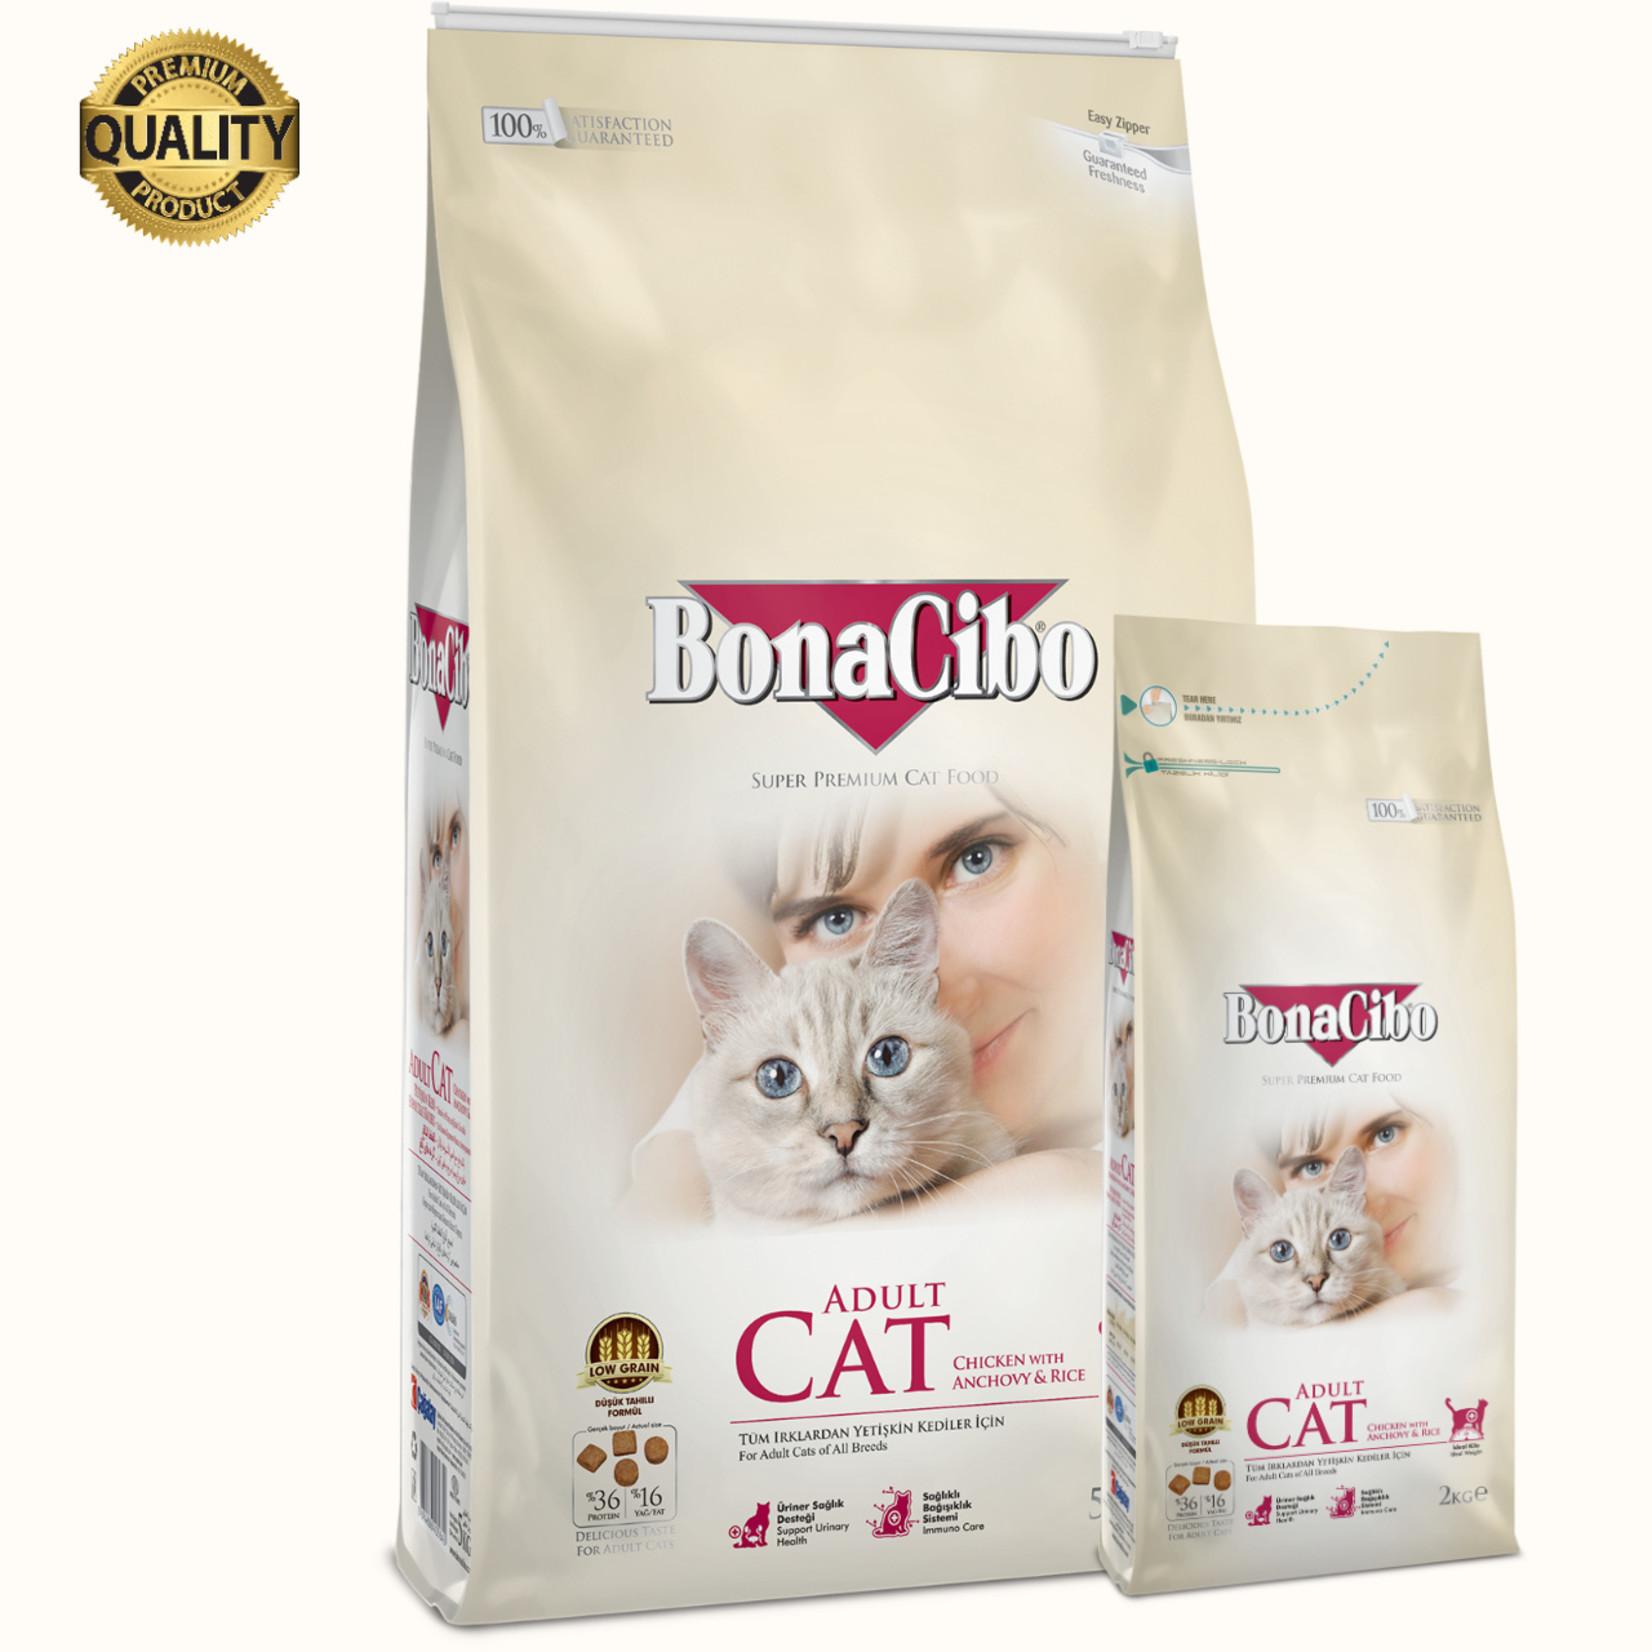 Bonacibo Bonacibo Cat | Kip & Rijst met Ansjovis | Kattenvoer